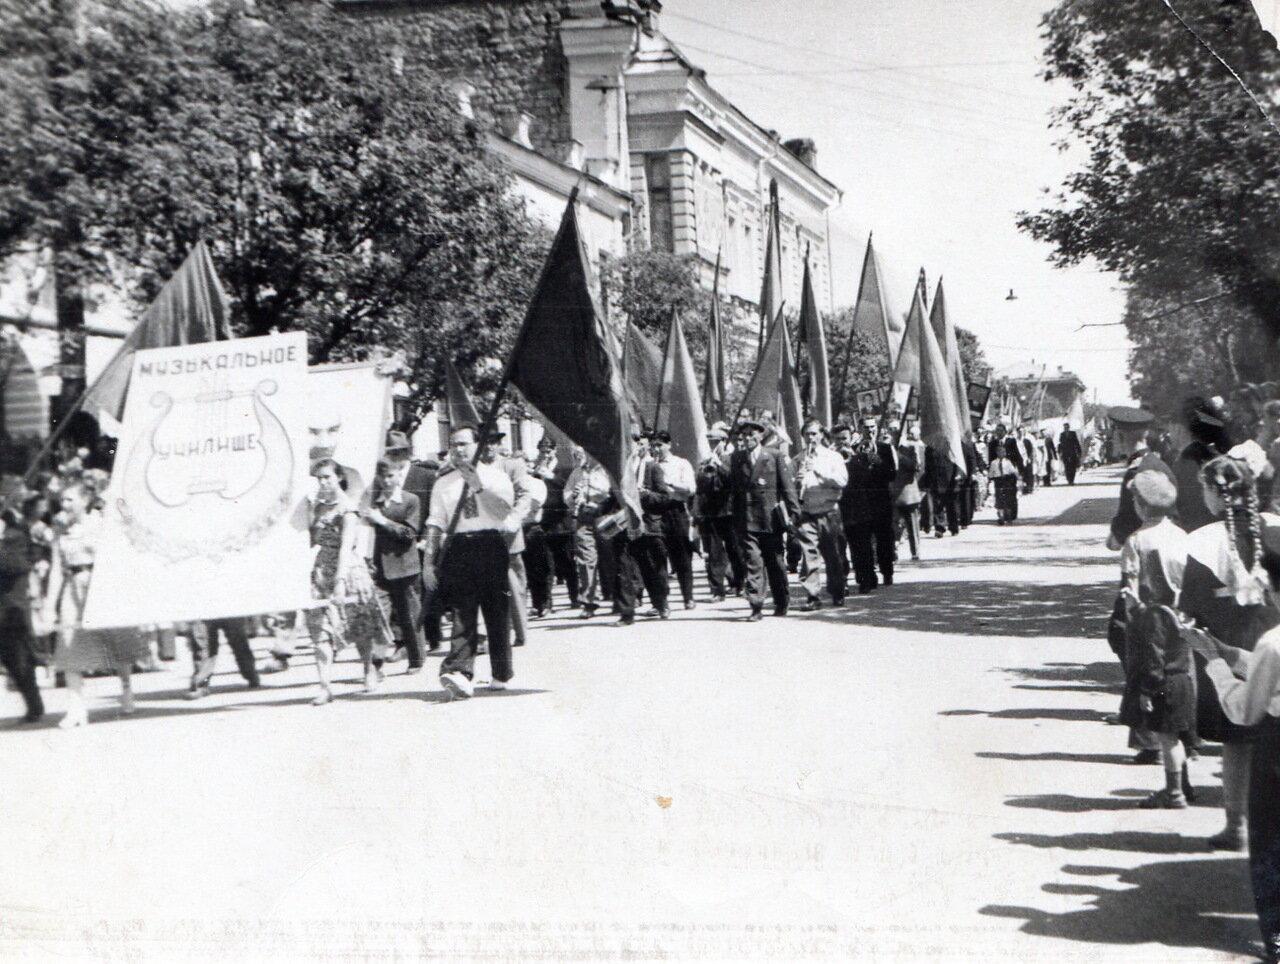 1970-е. Первомайская демонстрация